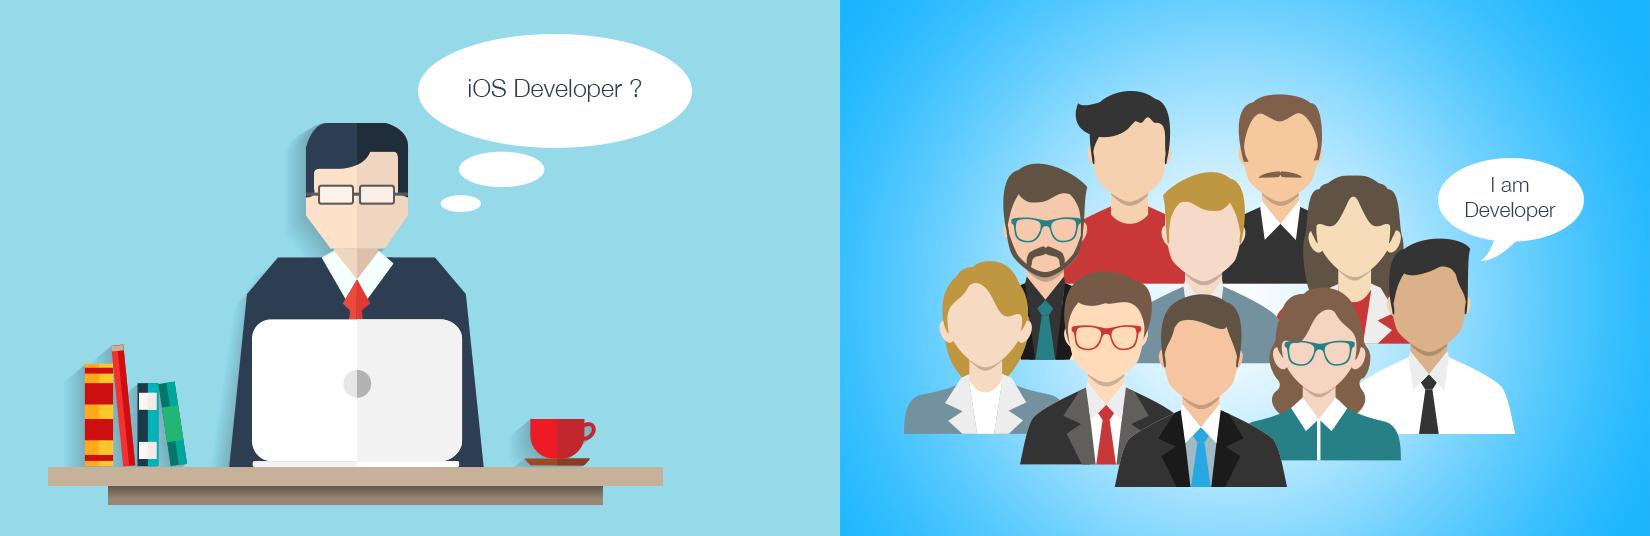 hire developer